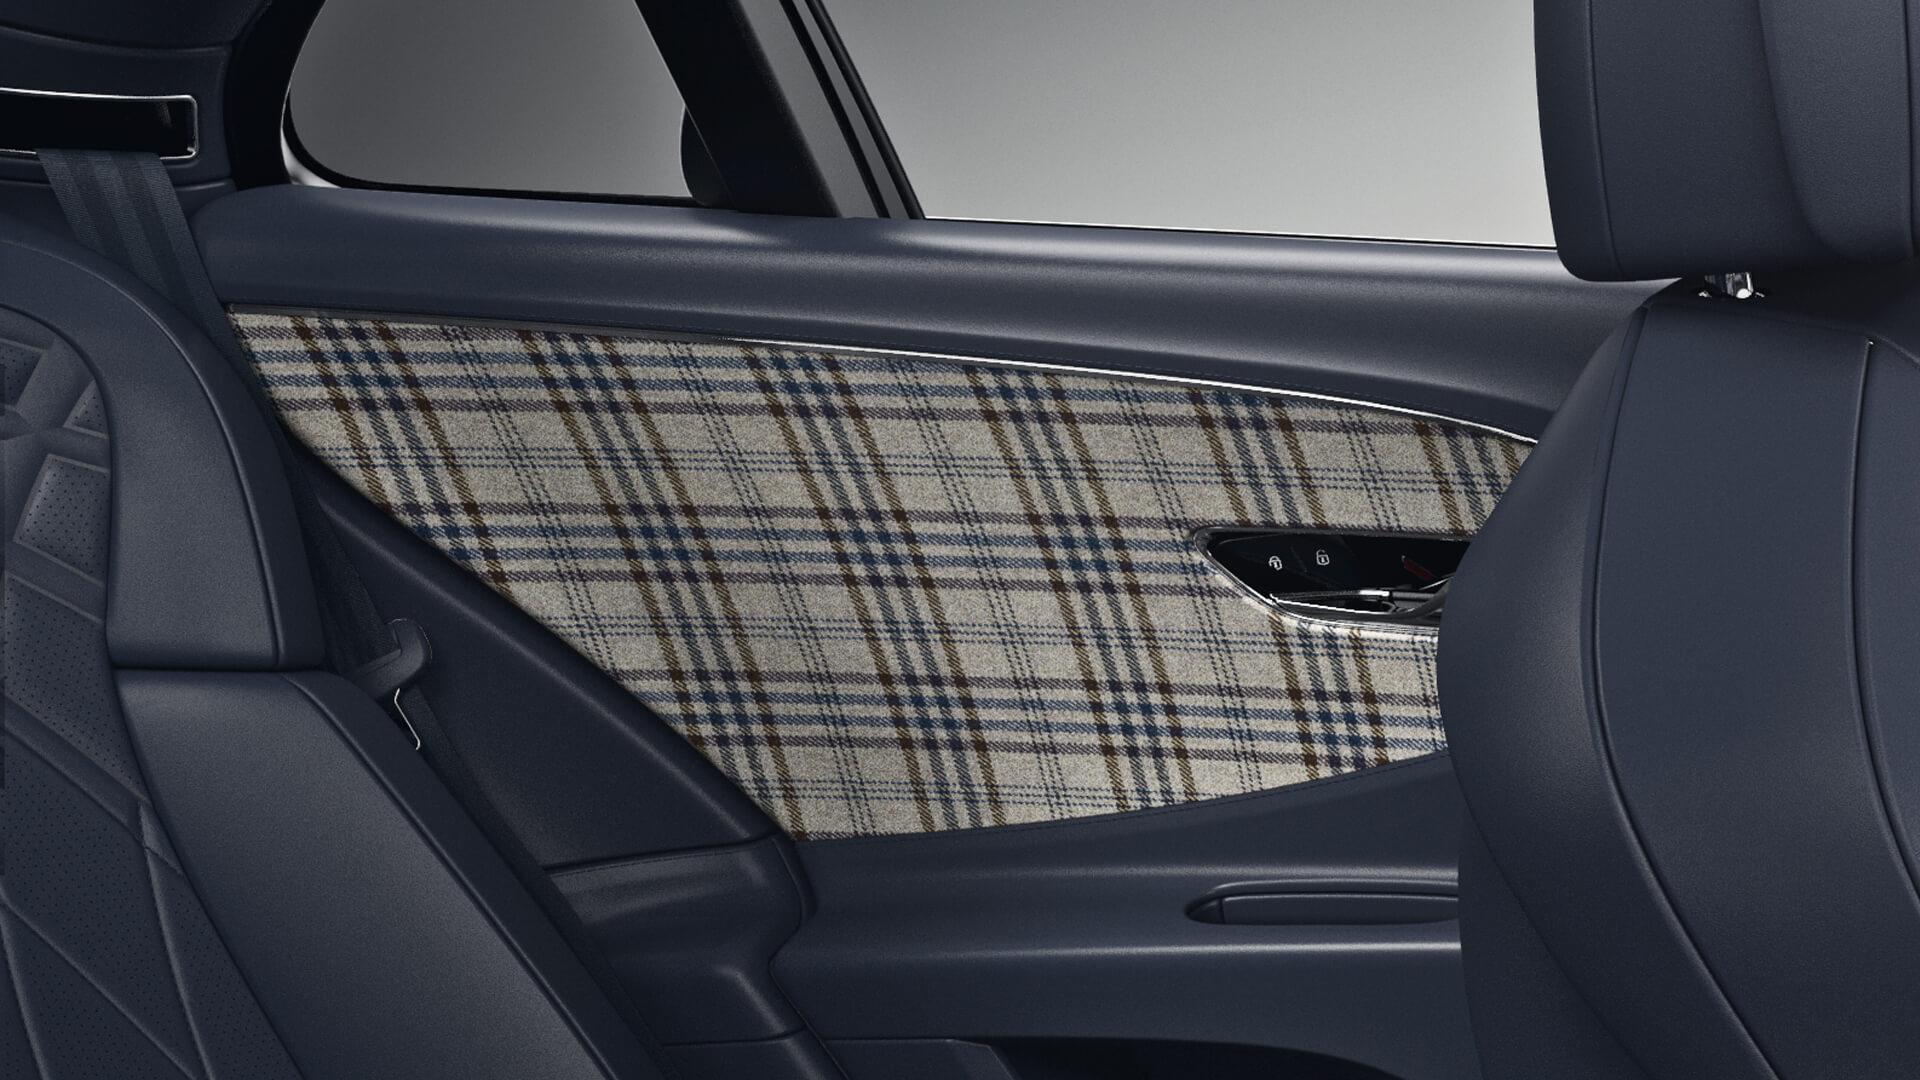 Bentley - Επιλογή tweed (τουΐντ) επενδύσεων για το εσωτερικό